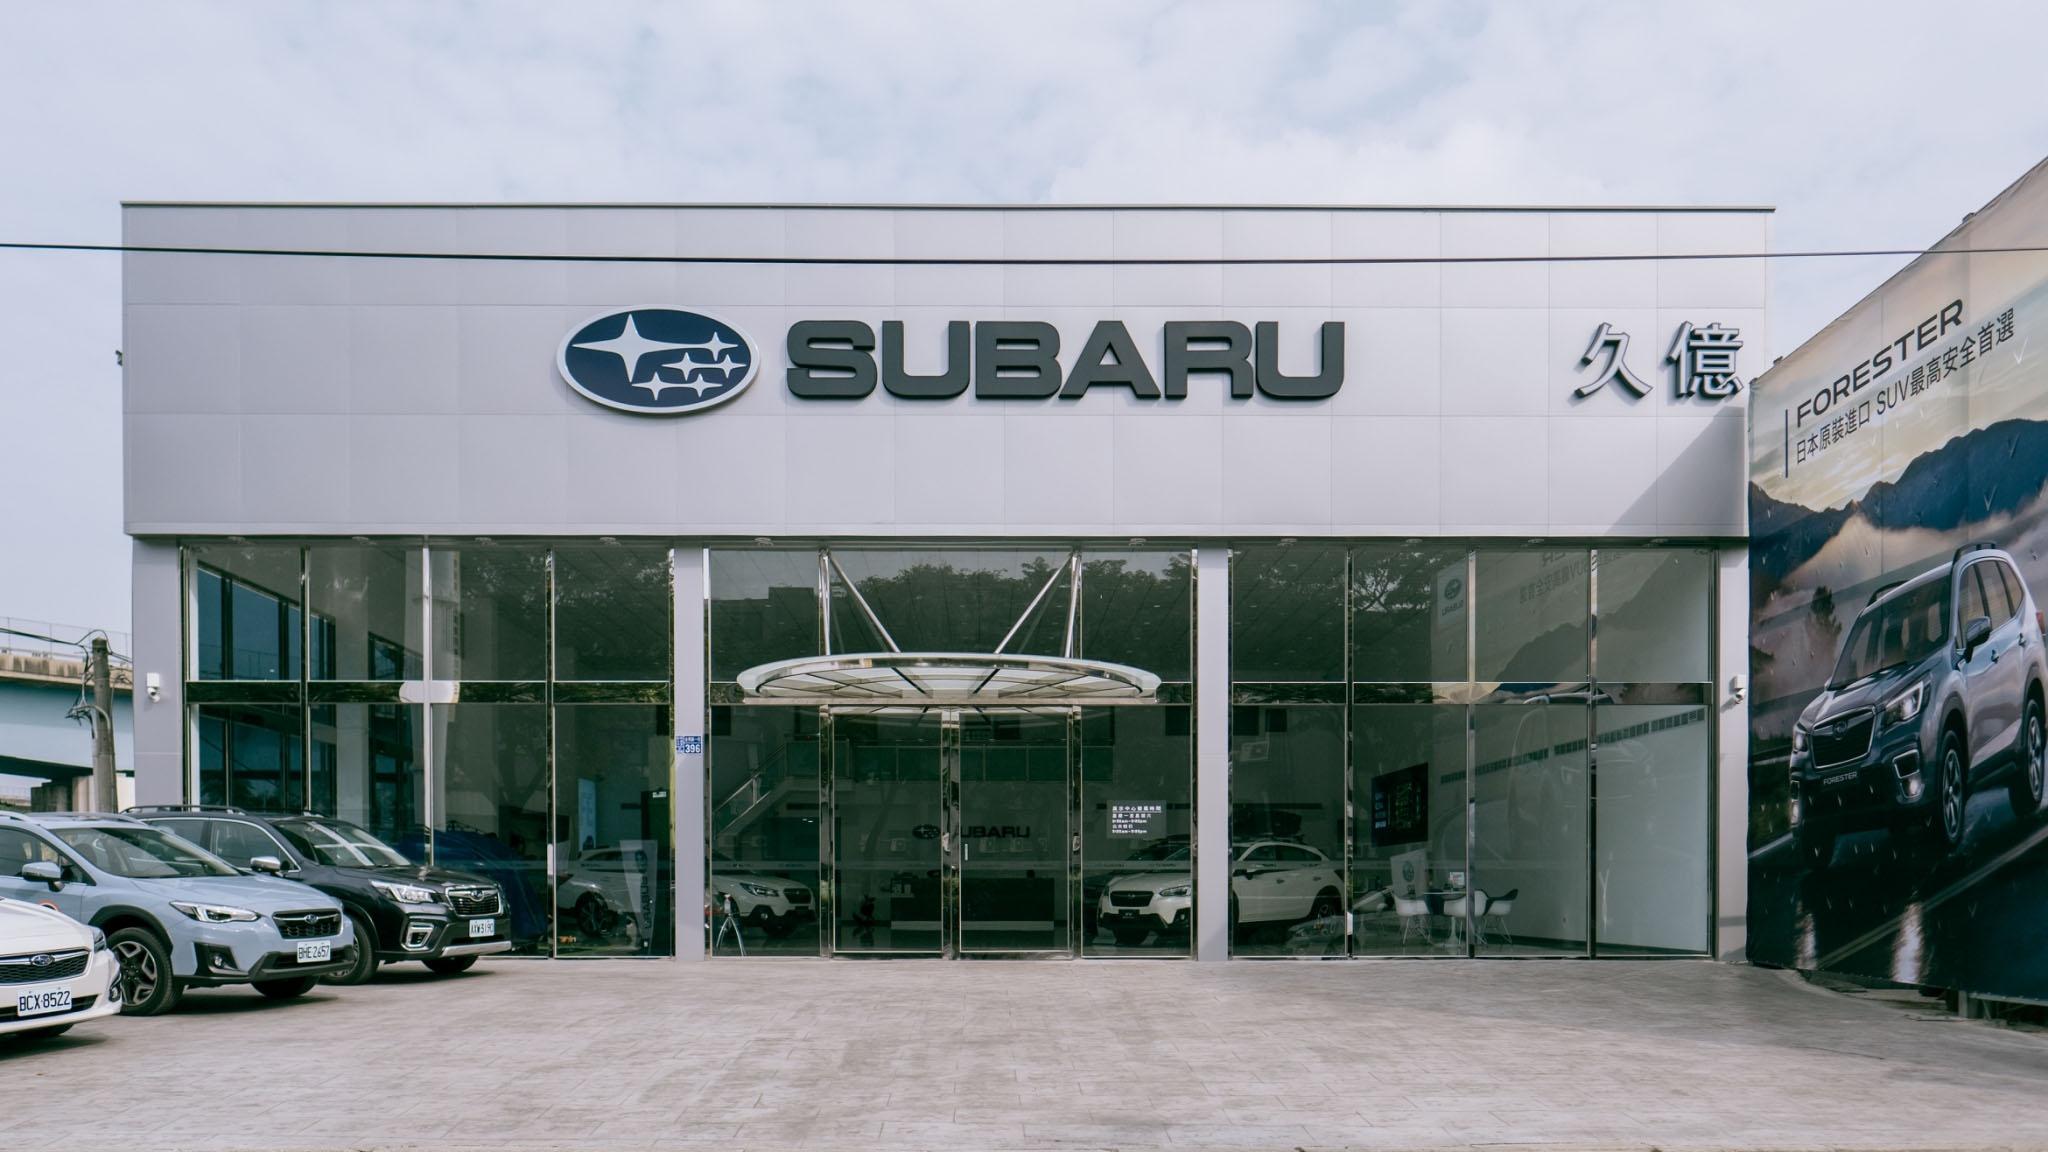 Subaru 久億金馬展間 彰化正式開幕